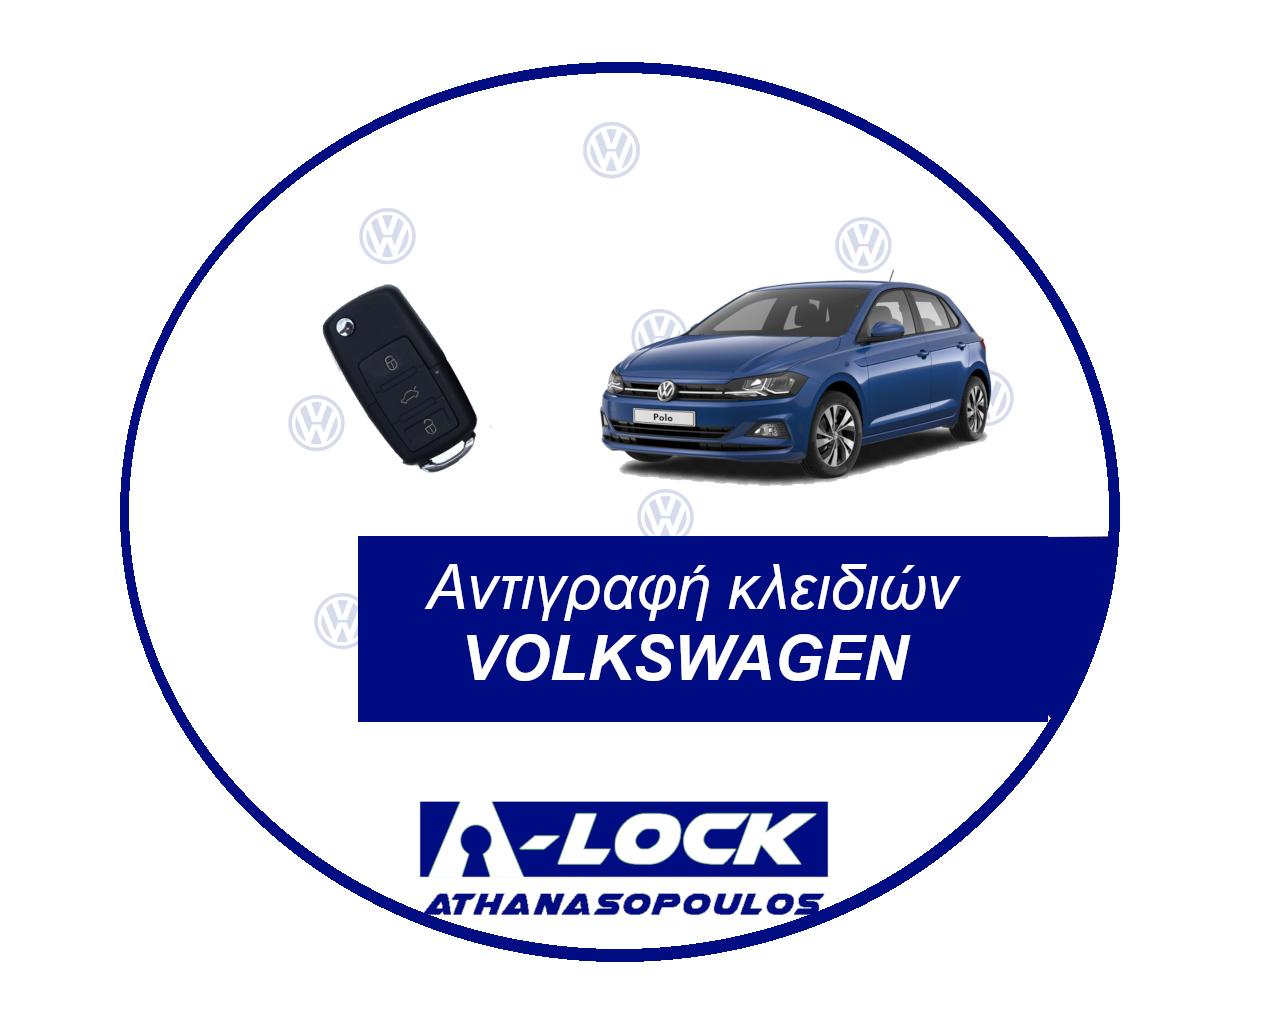 Αντιγραφές Κλειδιών Immobilizer Αυτοκινήτου VOLKSWAGEN - 24 Ωρες Κλειδαράς Γαλάτσι A-Lock Αθανασόπουλος